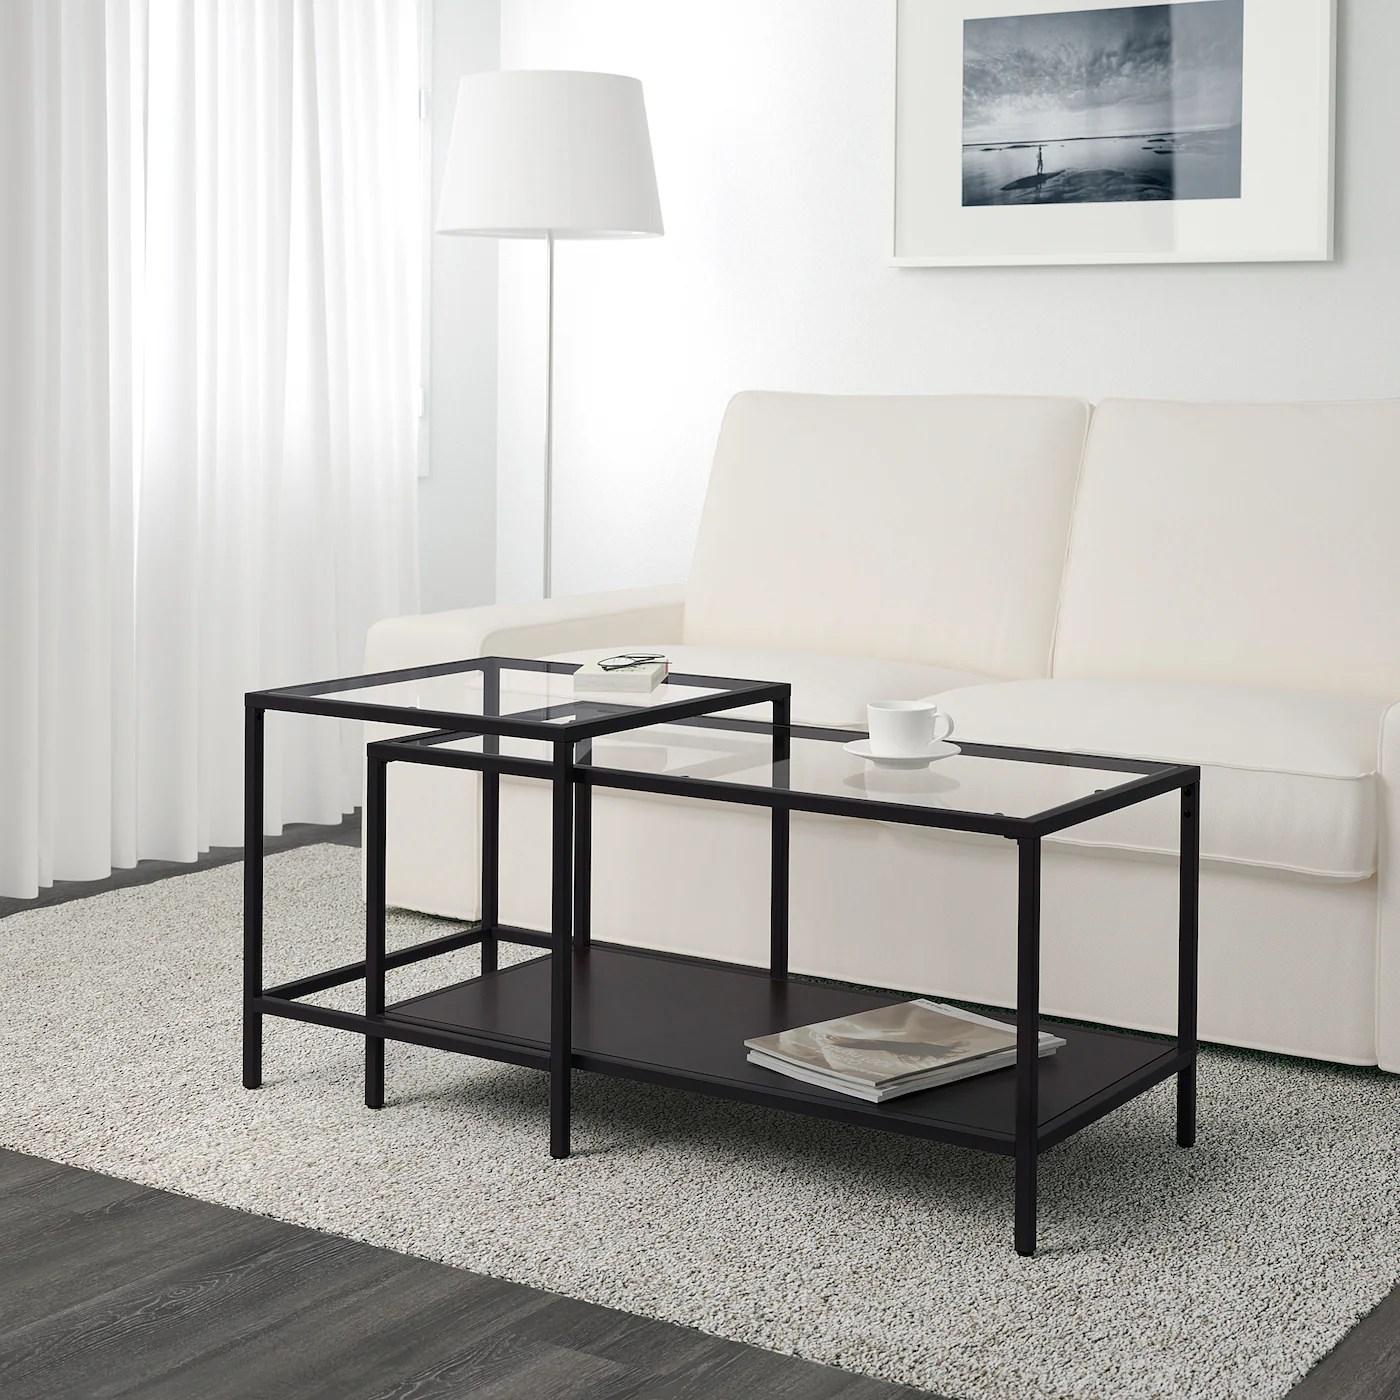 vittsjo nesting tables set of 2 black brown glass 35 3 8x19 5 8